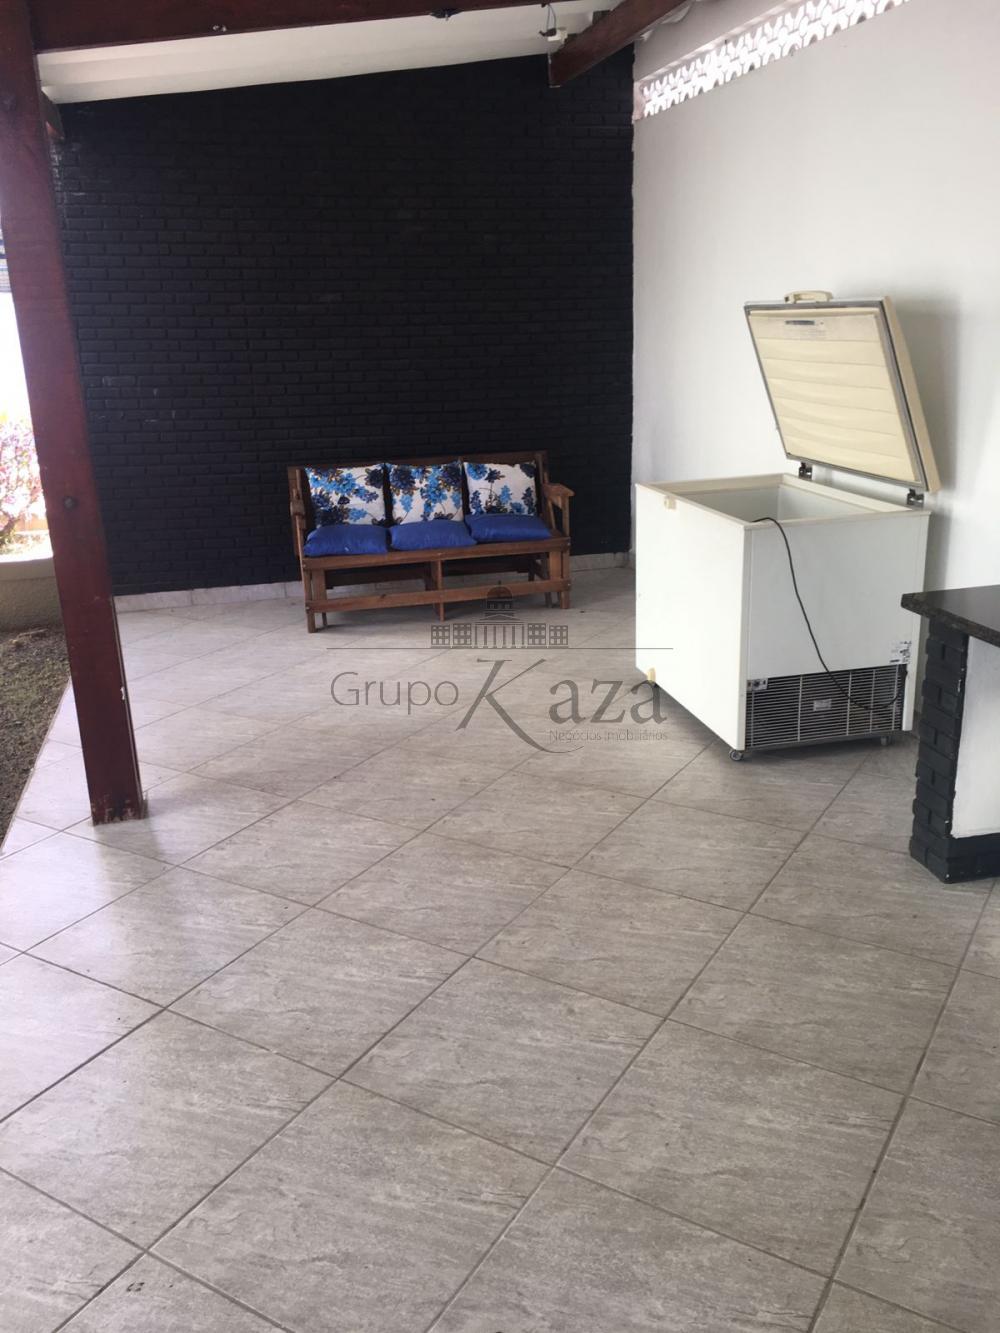 alt='Comprar Apartamento / Padrão em São José dos Campos R$ 300.000,00 - Foto 10' title='Comprar Apartamento / Padrão em São José dos Campos R$ 300.000,00 - Foto 10'